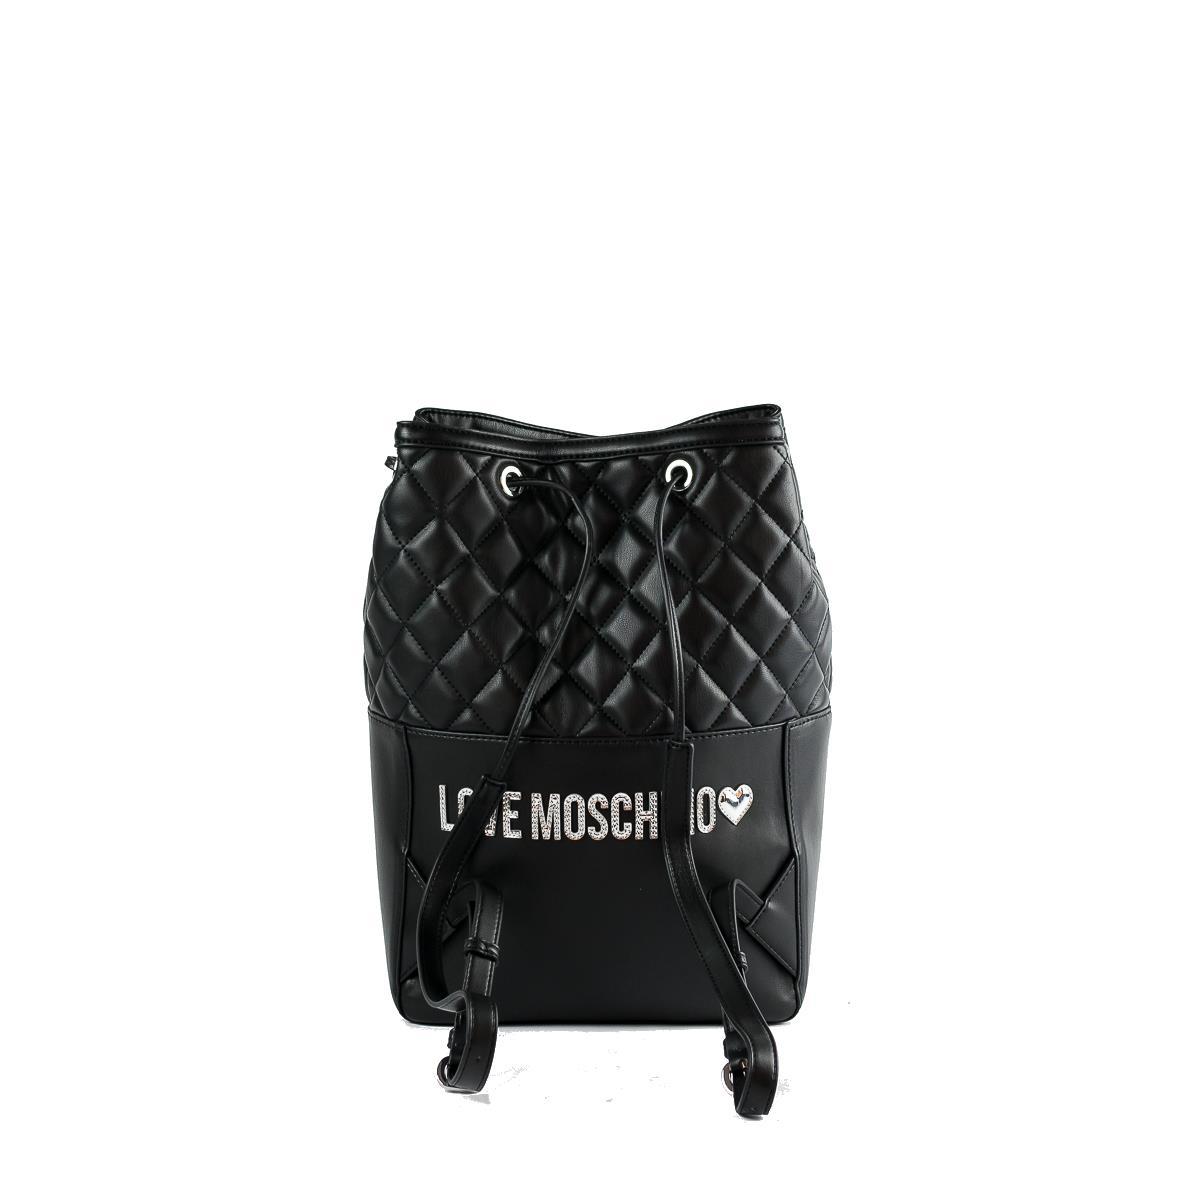 Jc4202 Donna Zaino Moschino Scarpe Il Sellaro Abbigliamento Love wgtEx4q4